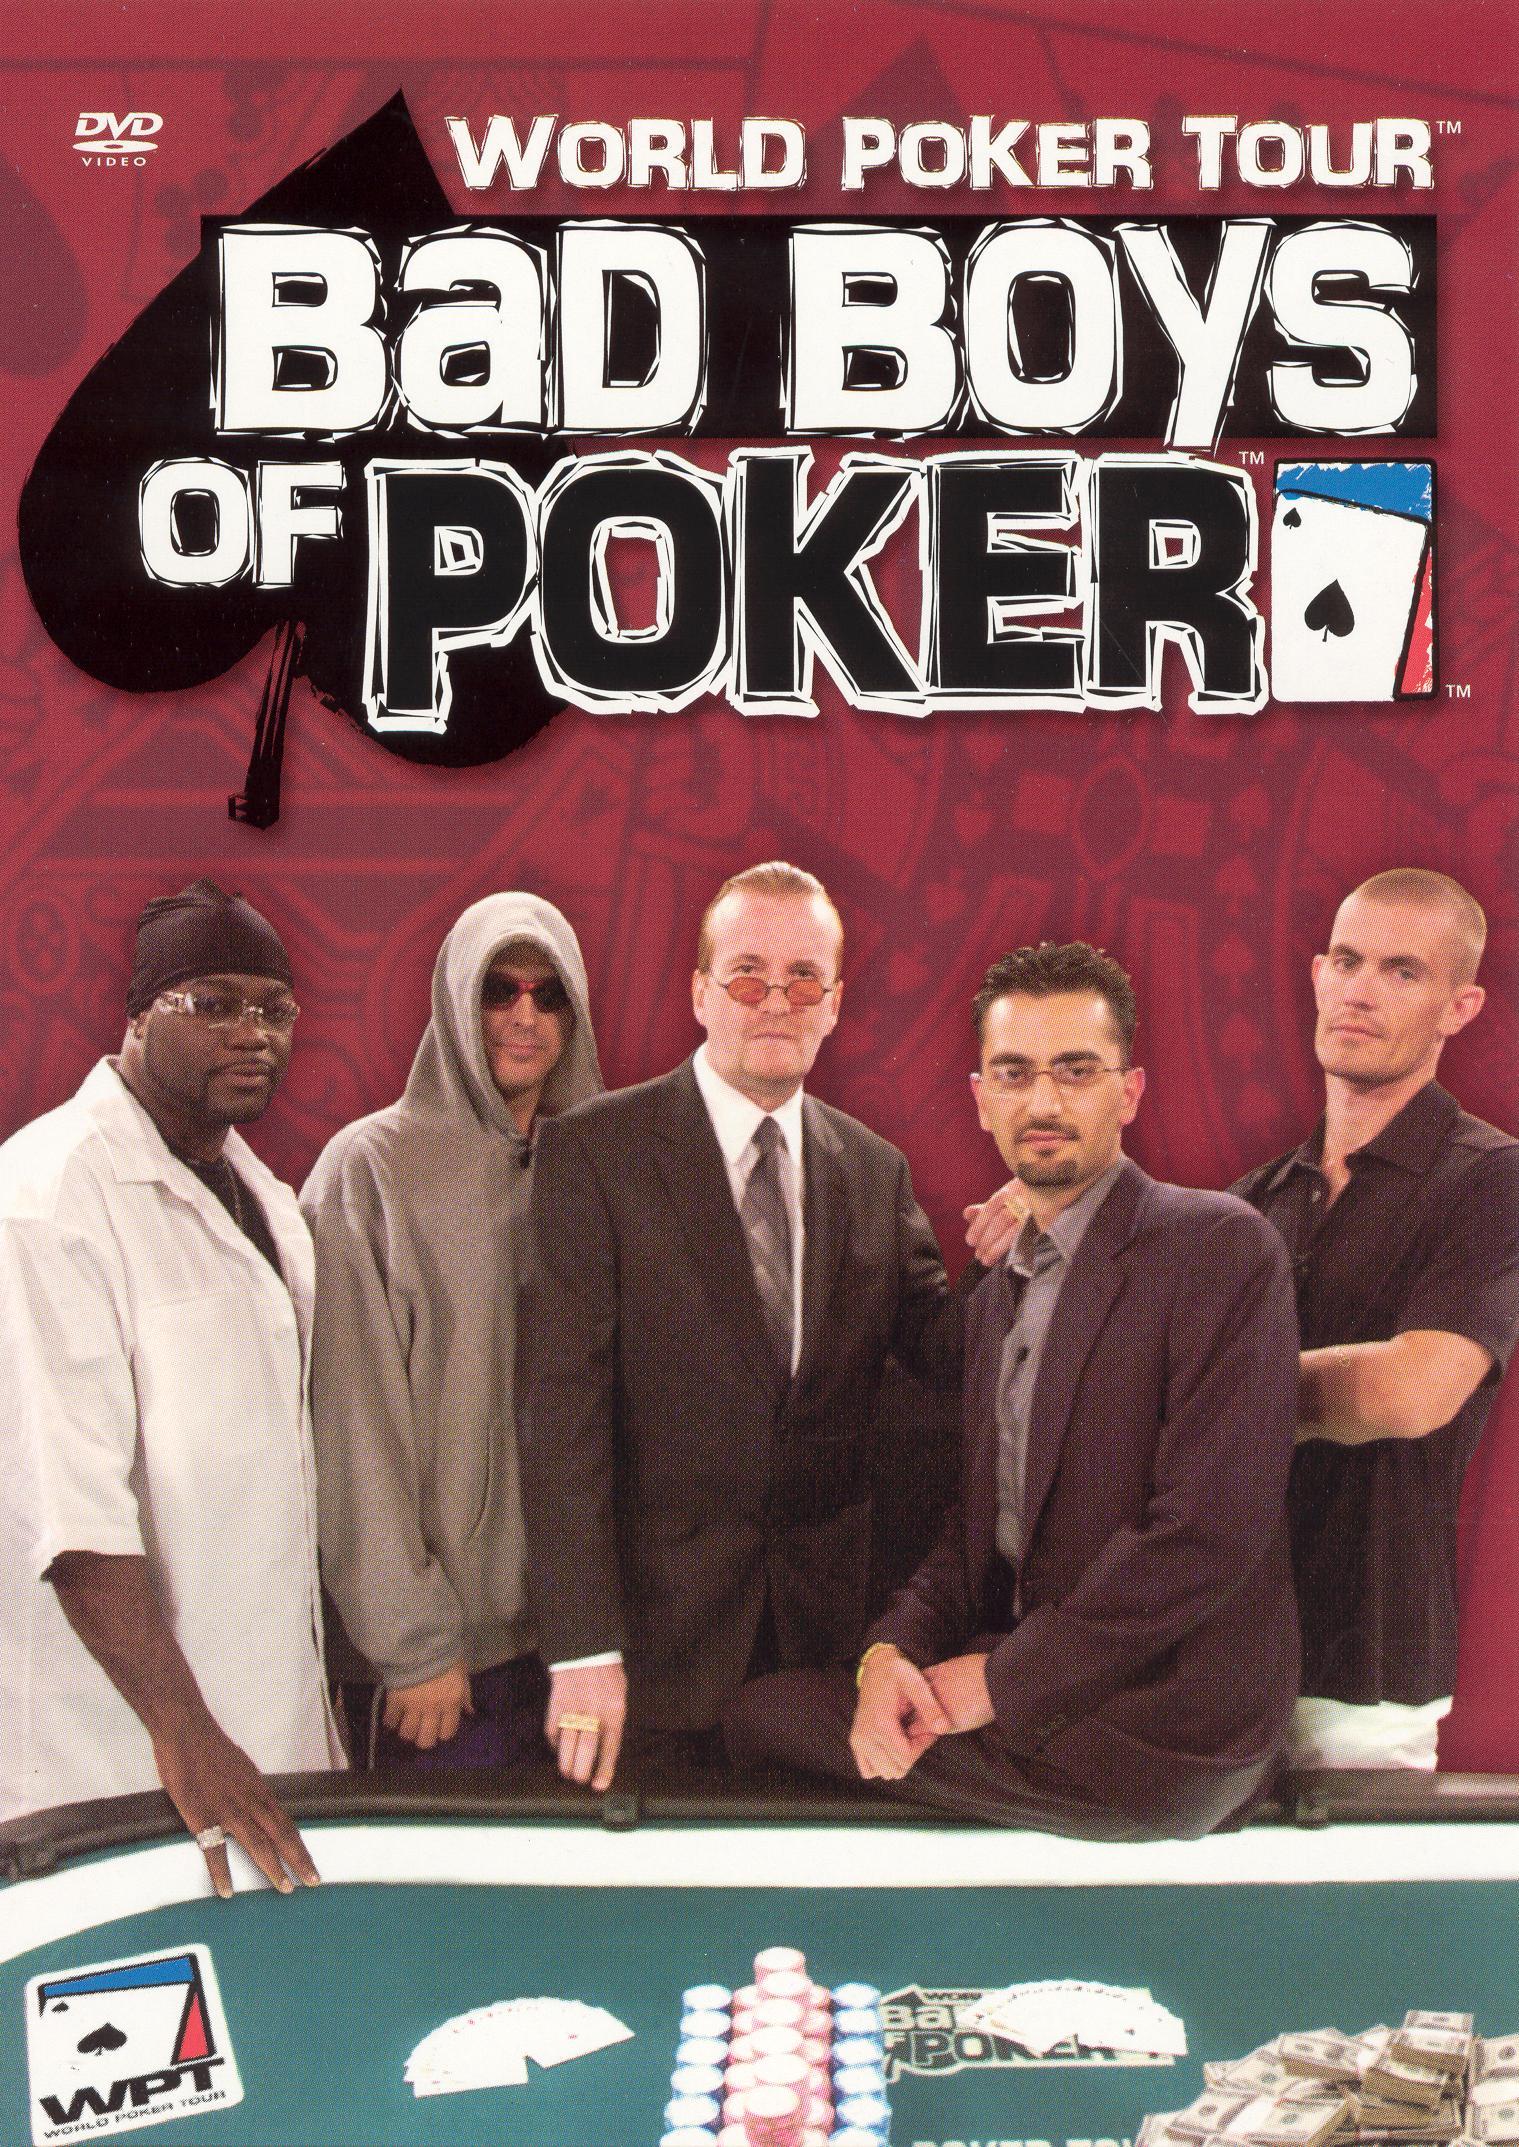 World Poker Tour: Bad Boys of Poker